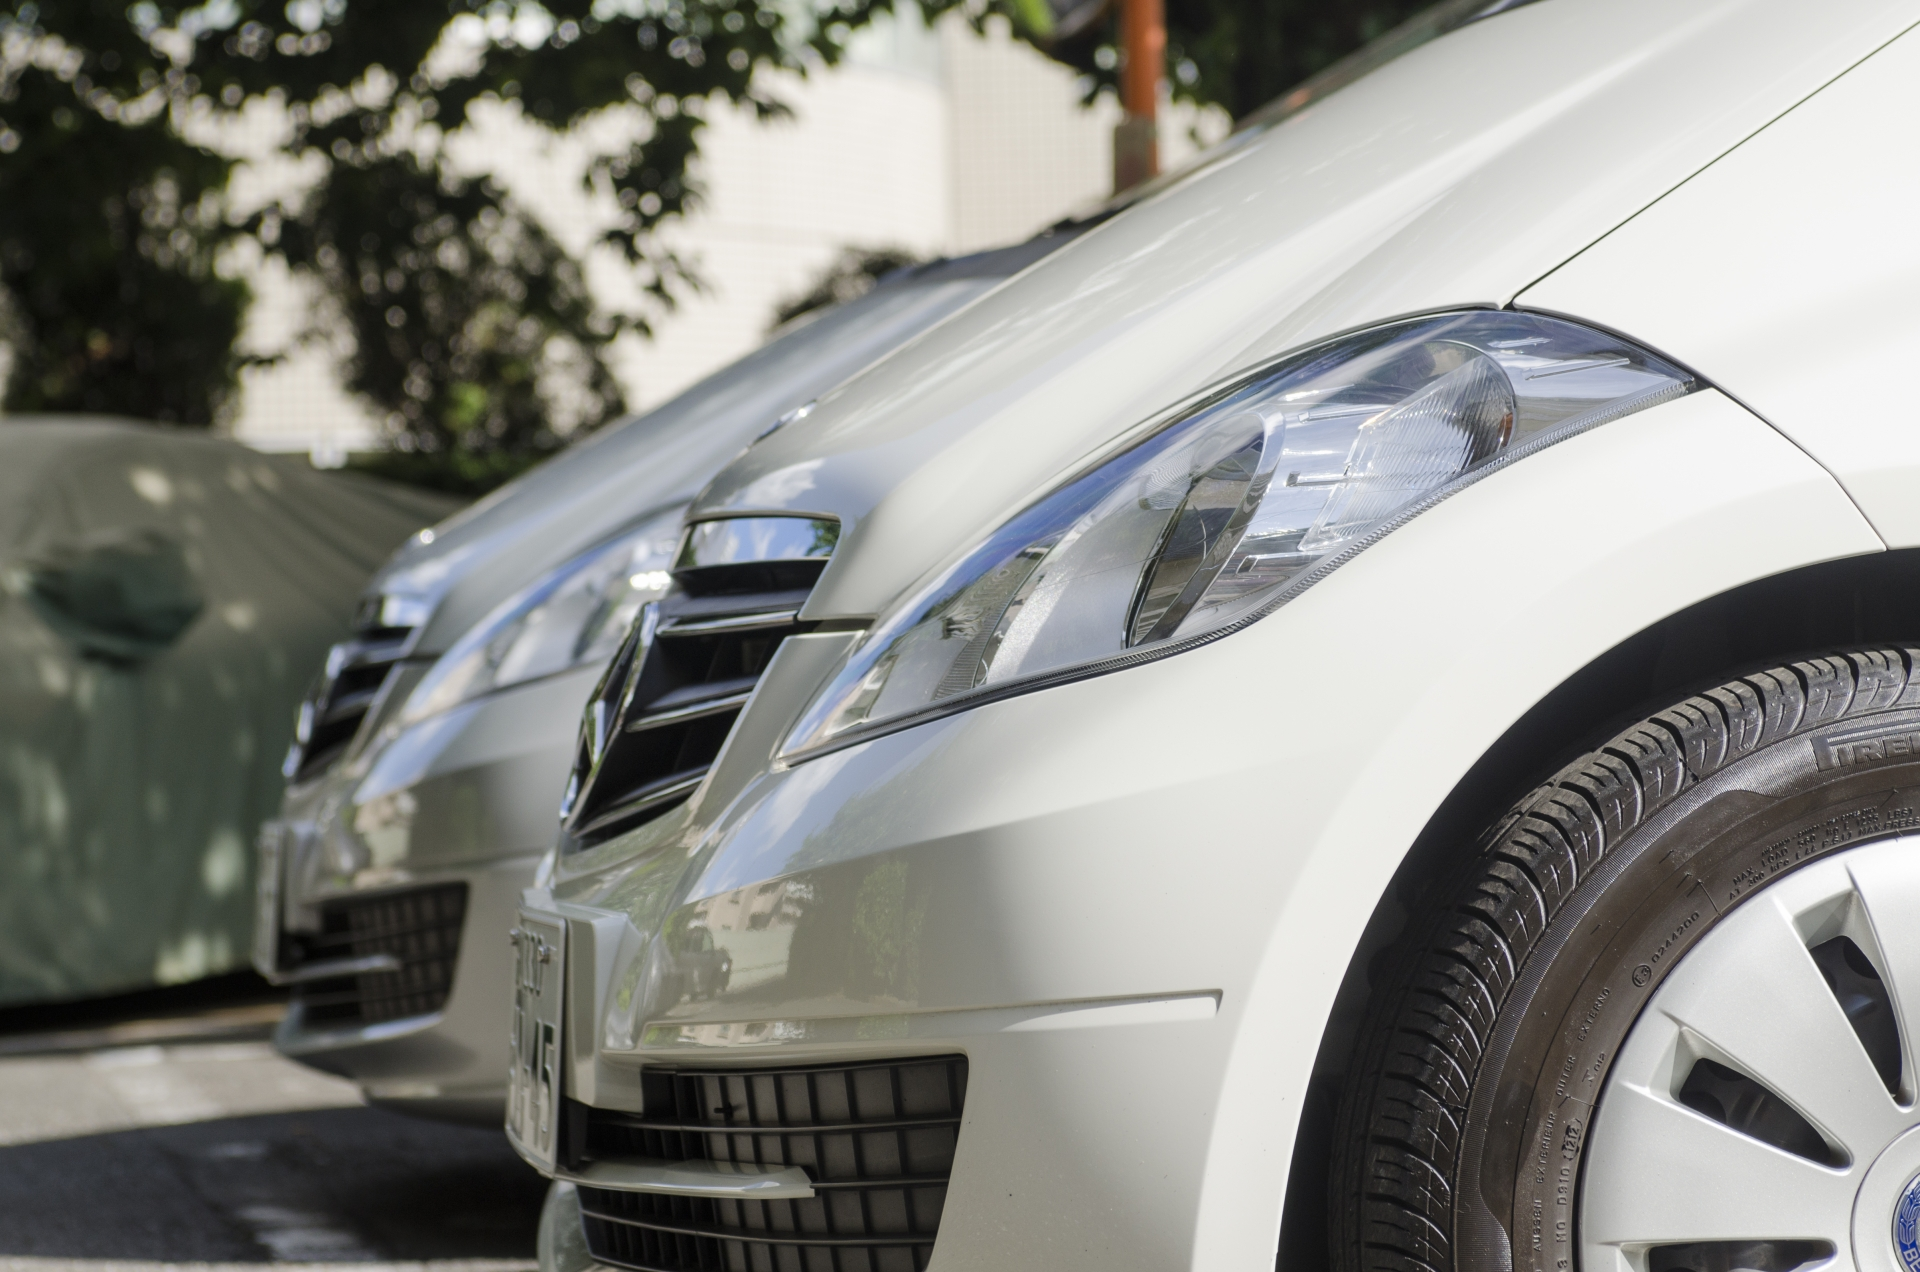 「動く資産」社用車を守るための車両管理の方法とは